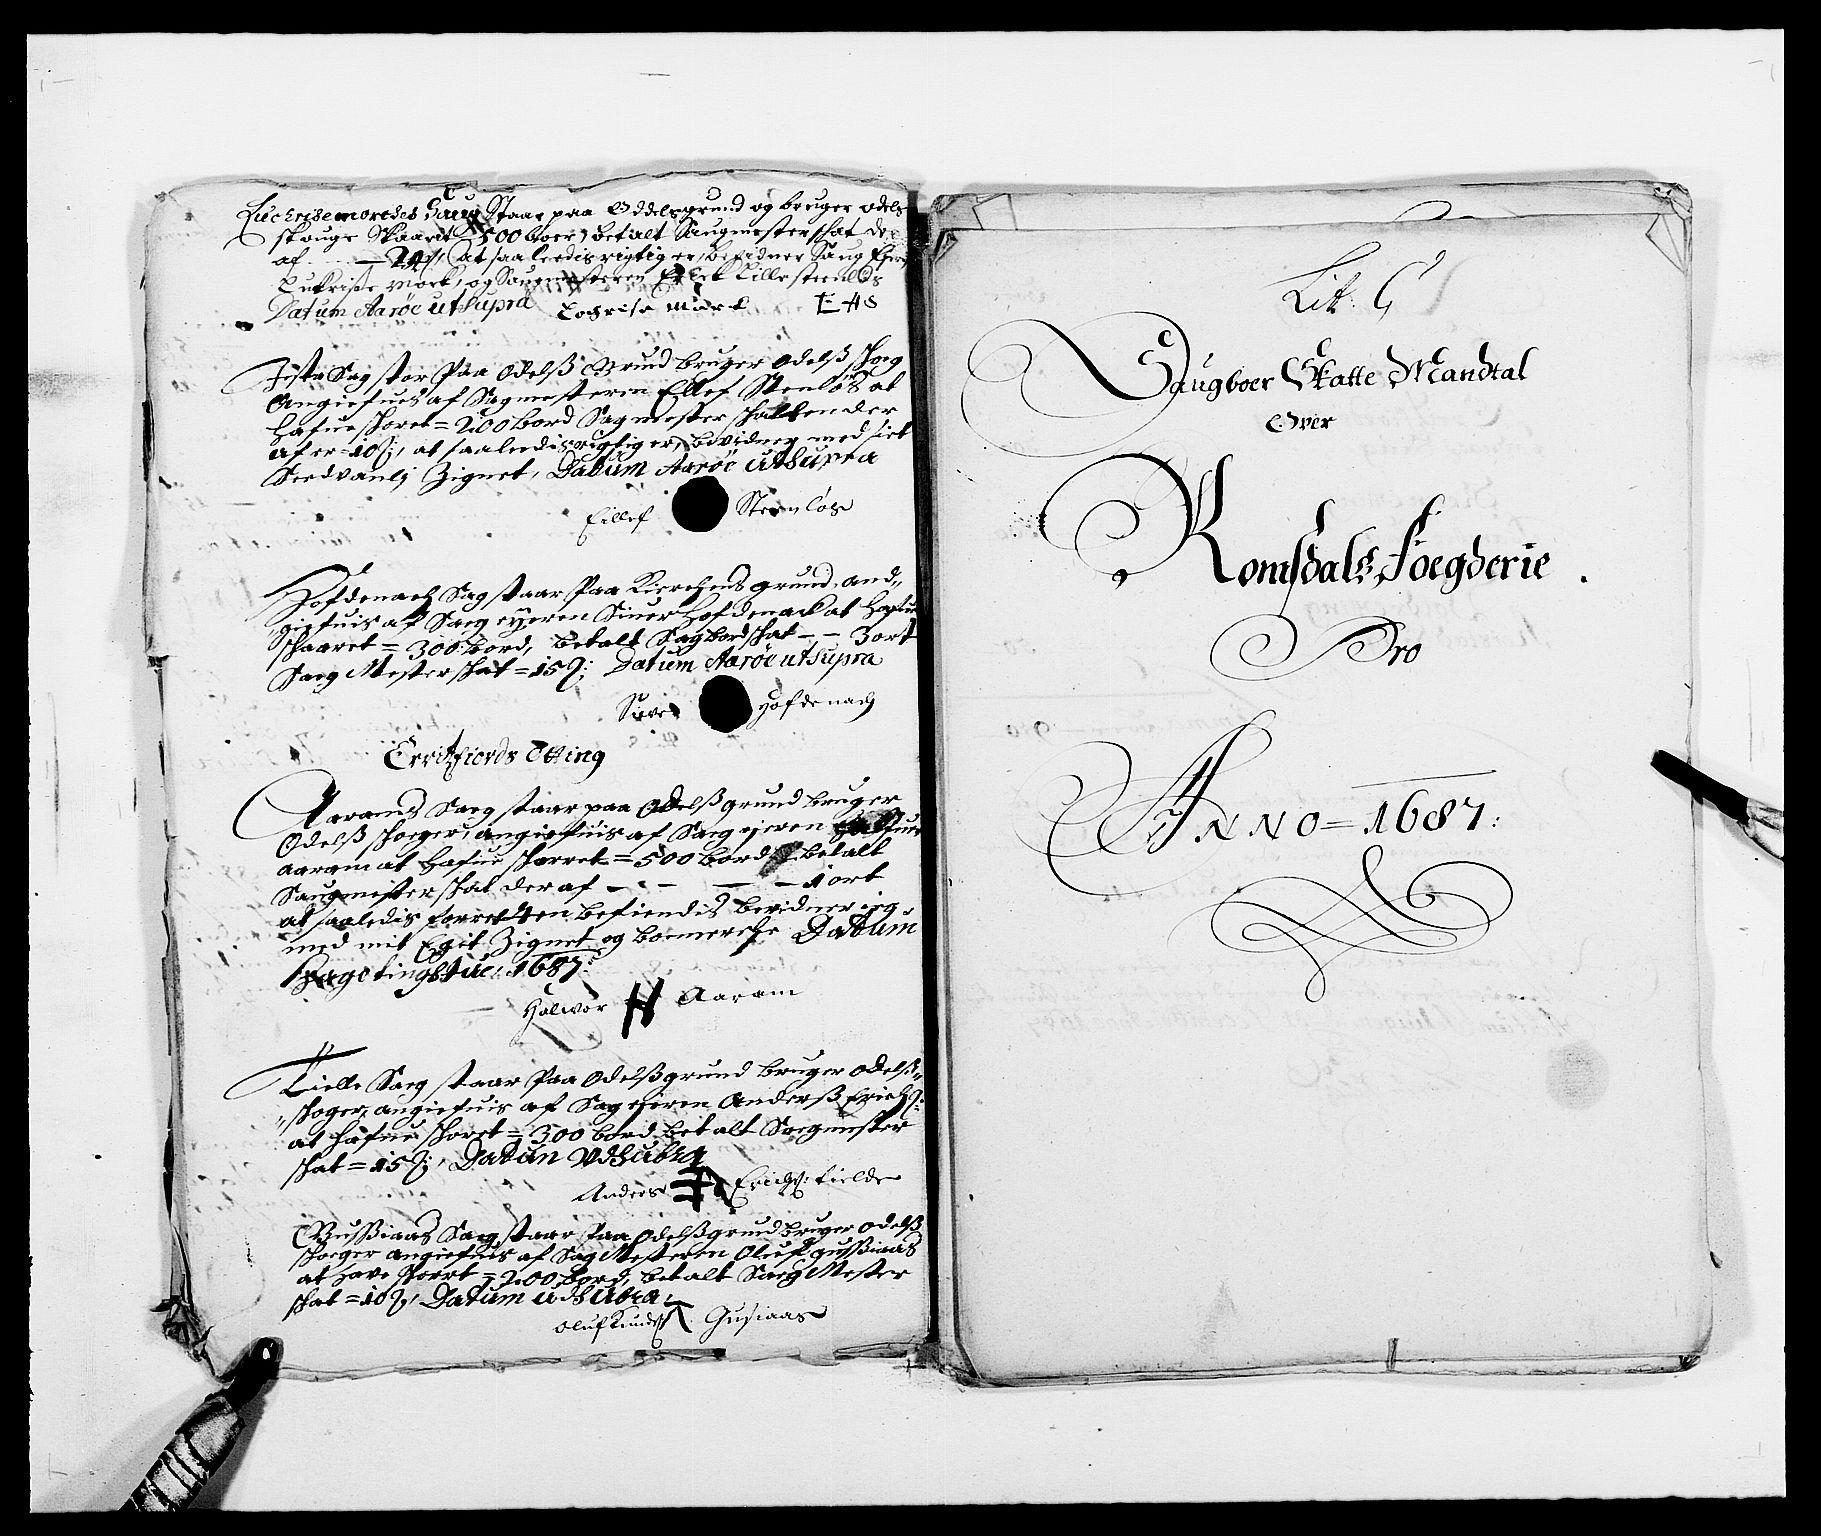 RA, Rentekammeret inntil 1814, Reviderte regnskaper, Fogderegnskap, R55/L3648: Fogderegnskap Romsdal, 1687-1689, s. 65